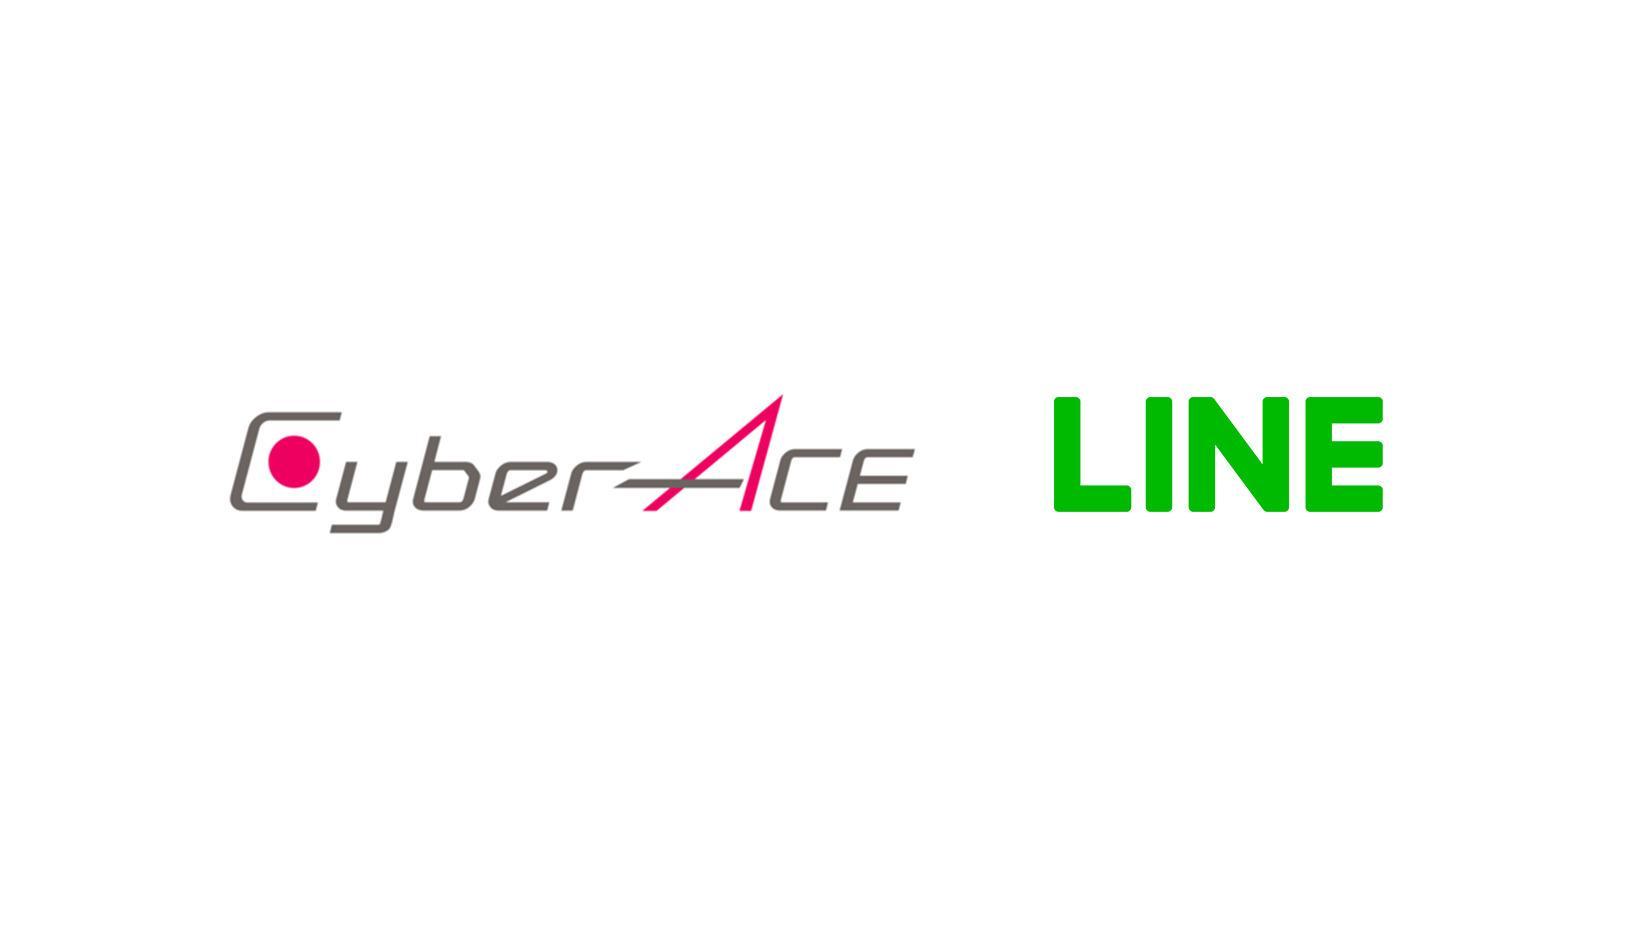 CyberACE